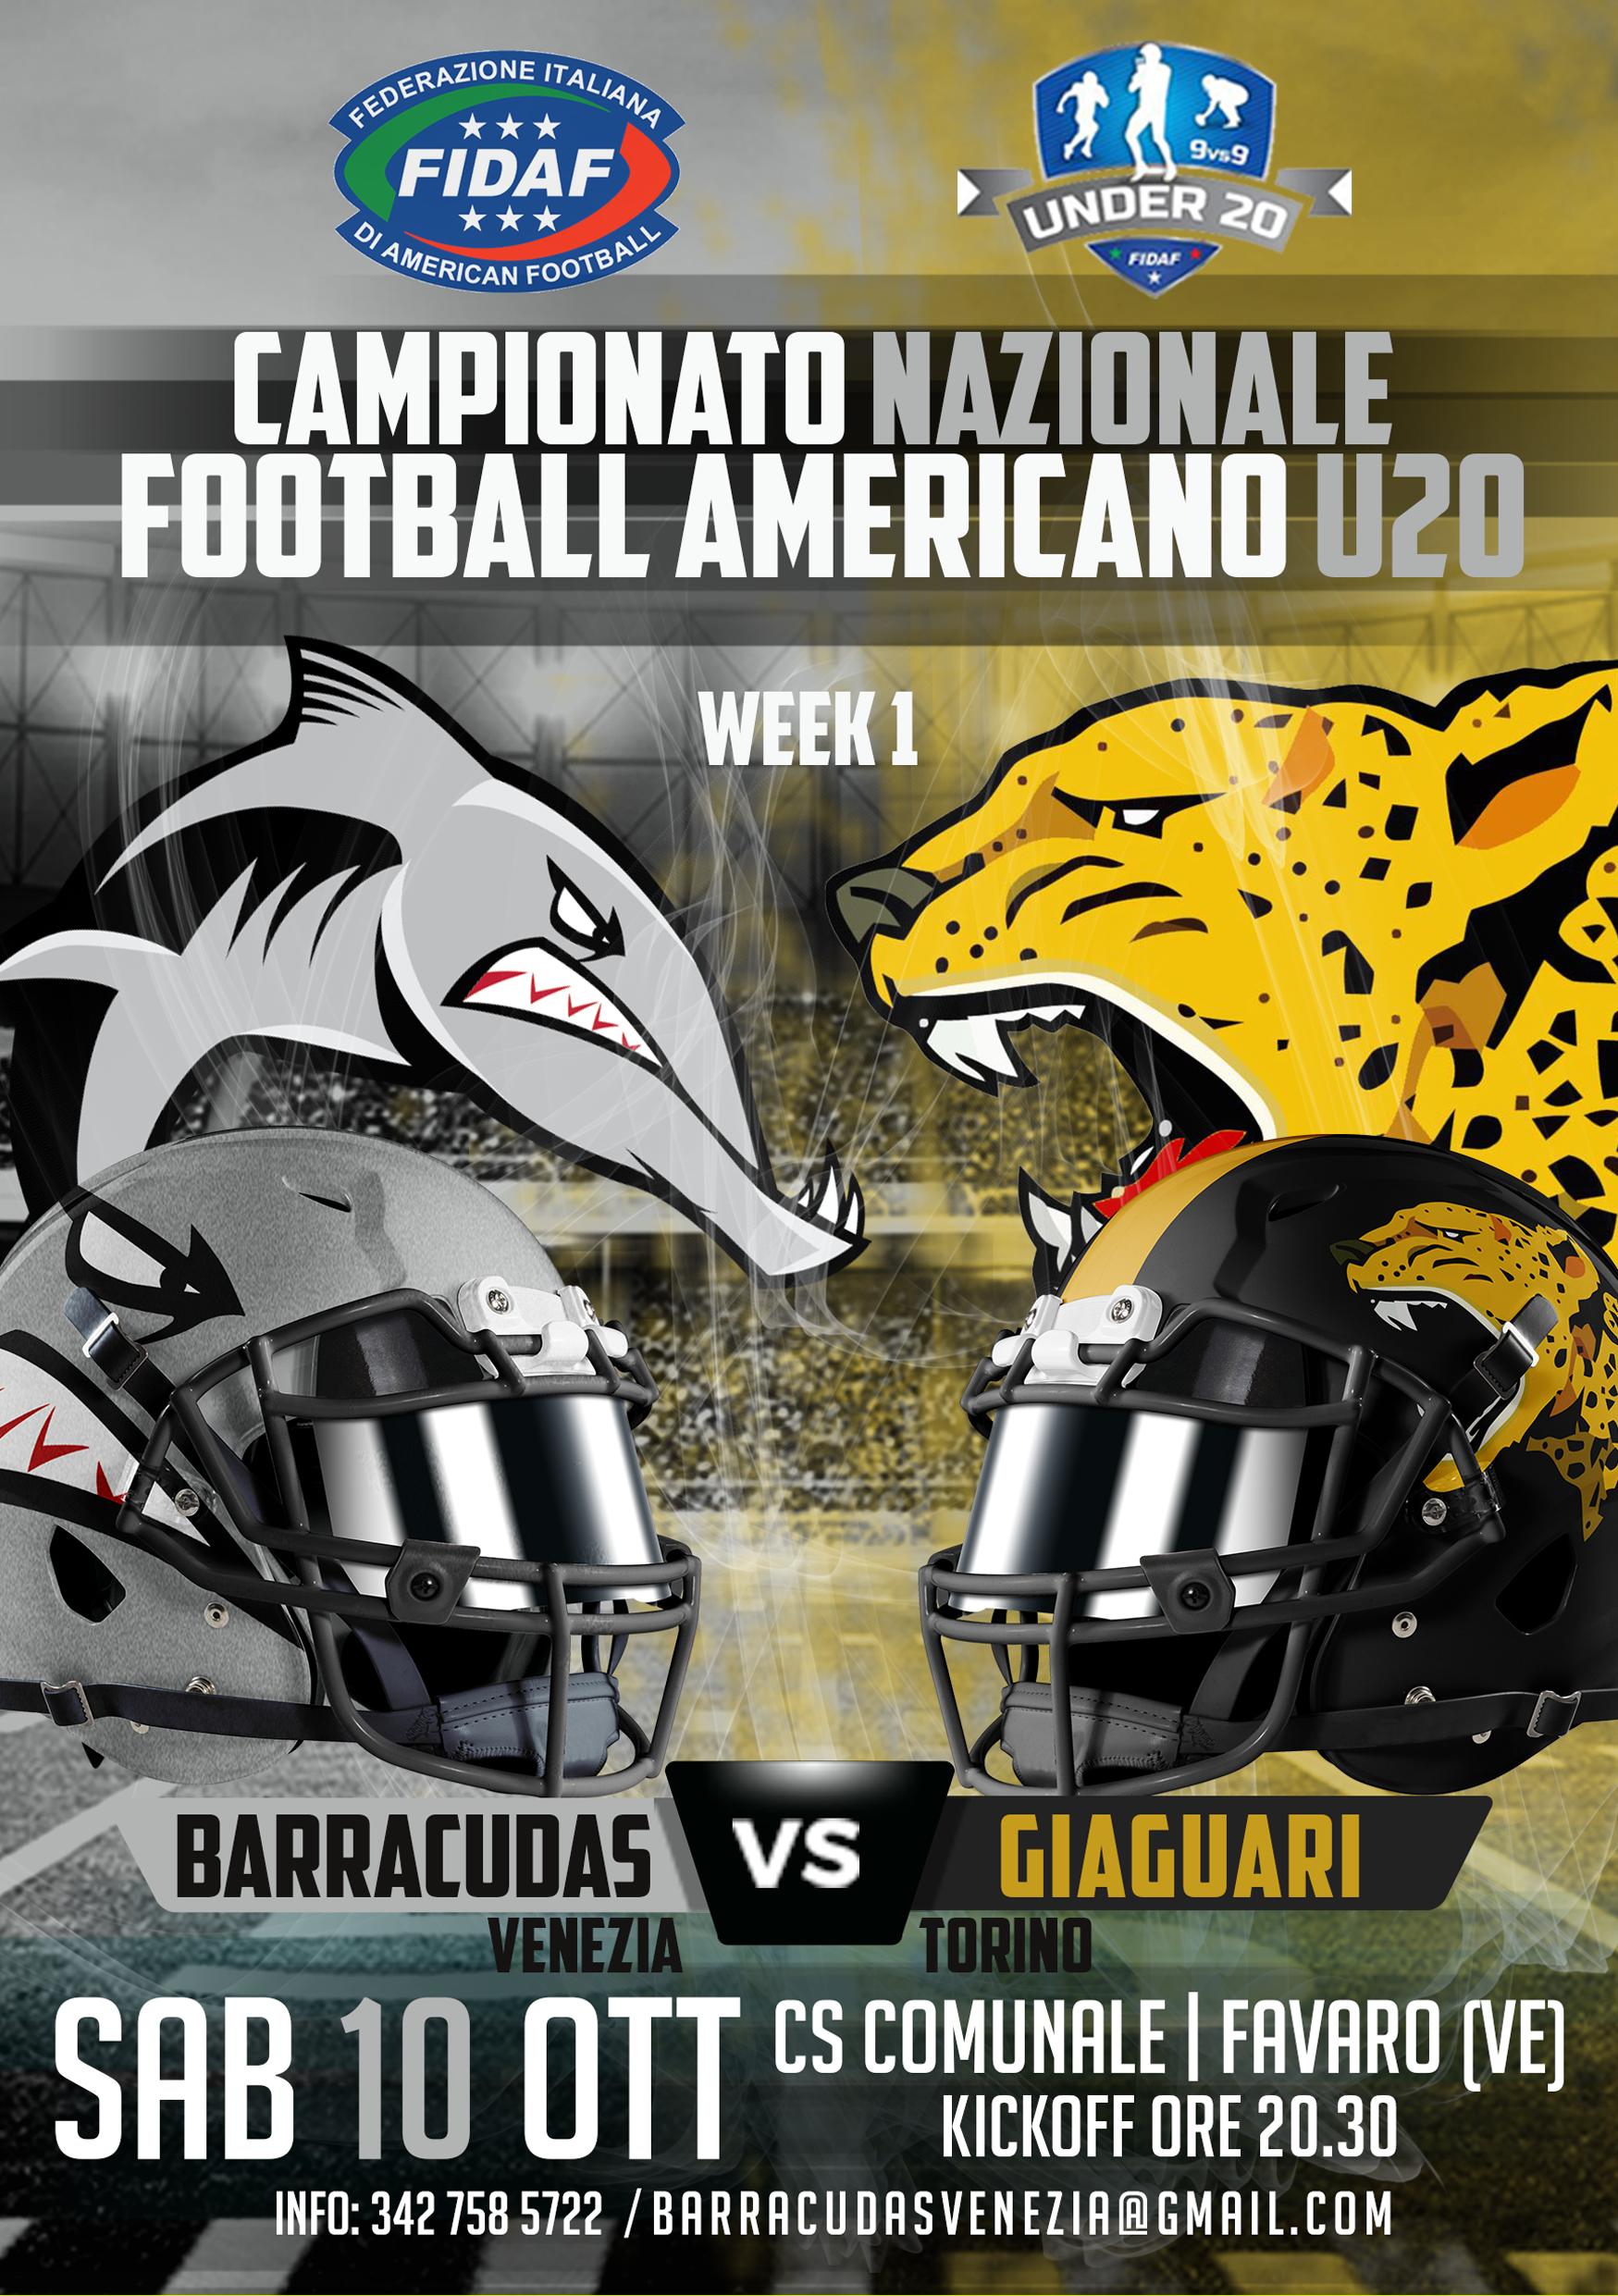 BAV_Poster partite 2020_HOME_Giaguari